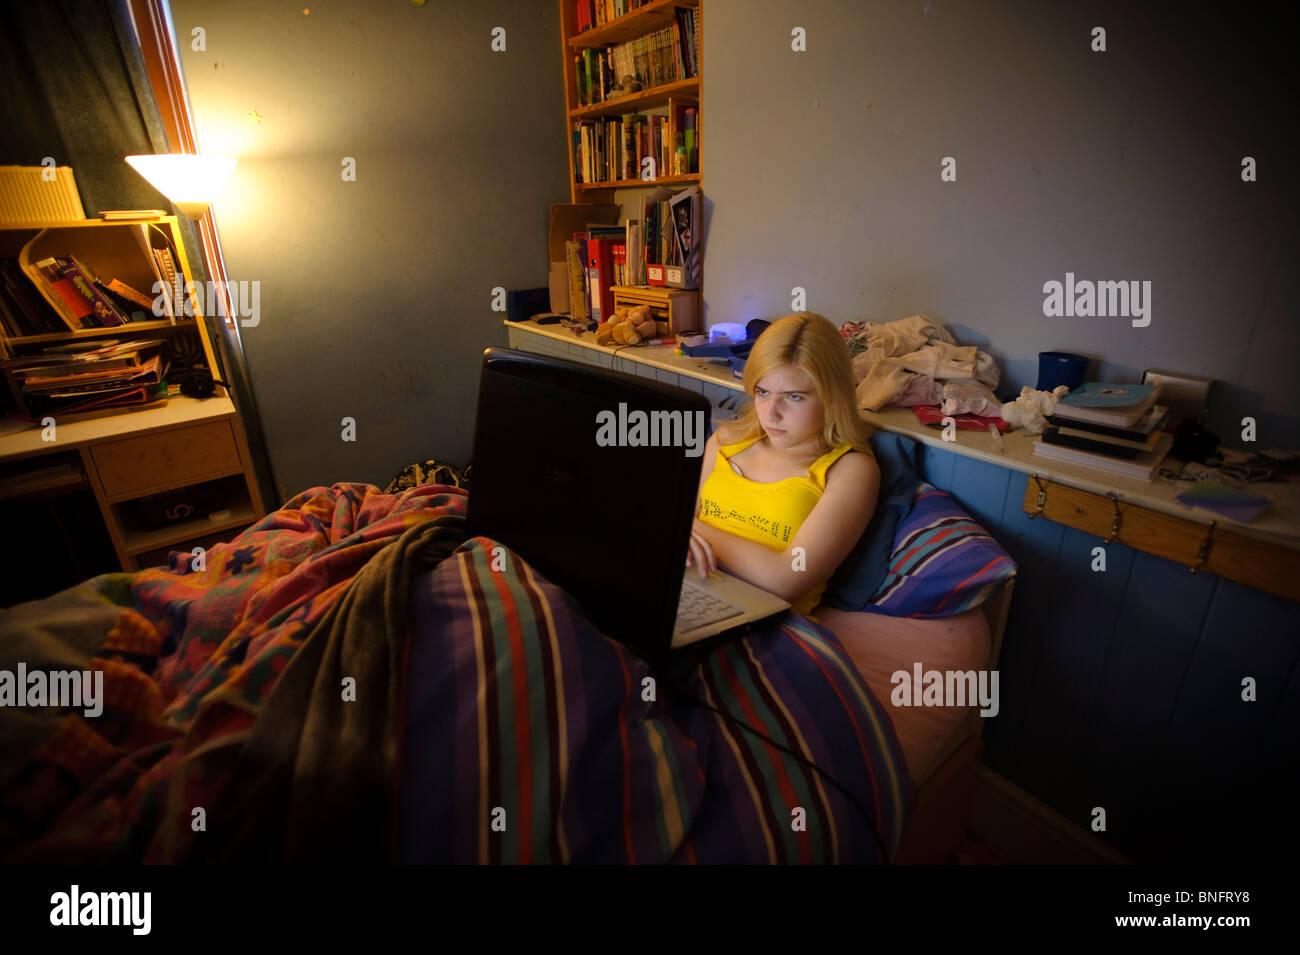 Un adolescente de 15 años de edad utilizando su ordenador portátil para chatear con sus amigos de Facebook Imagen De Stock